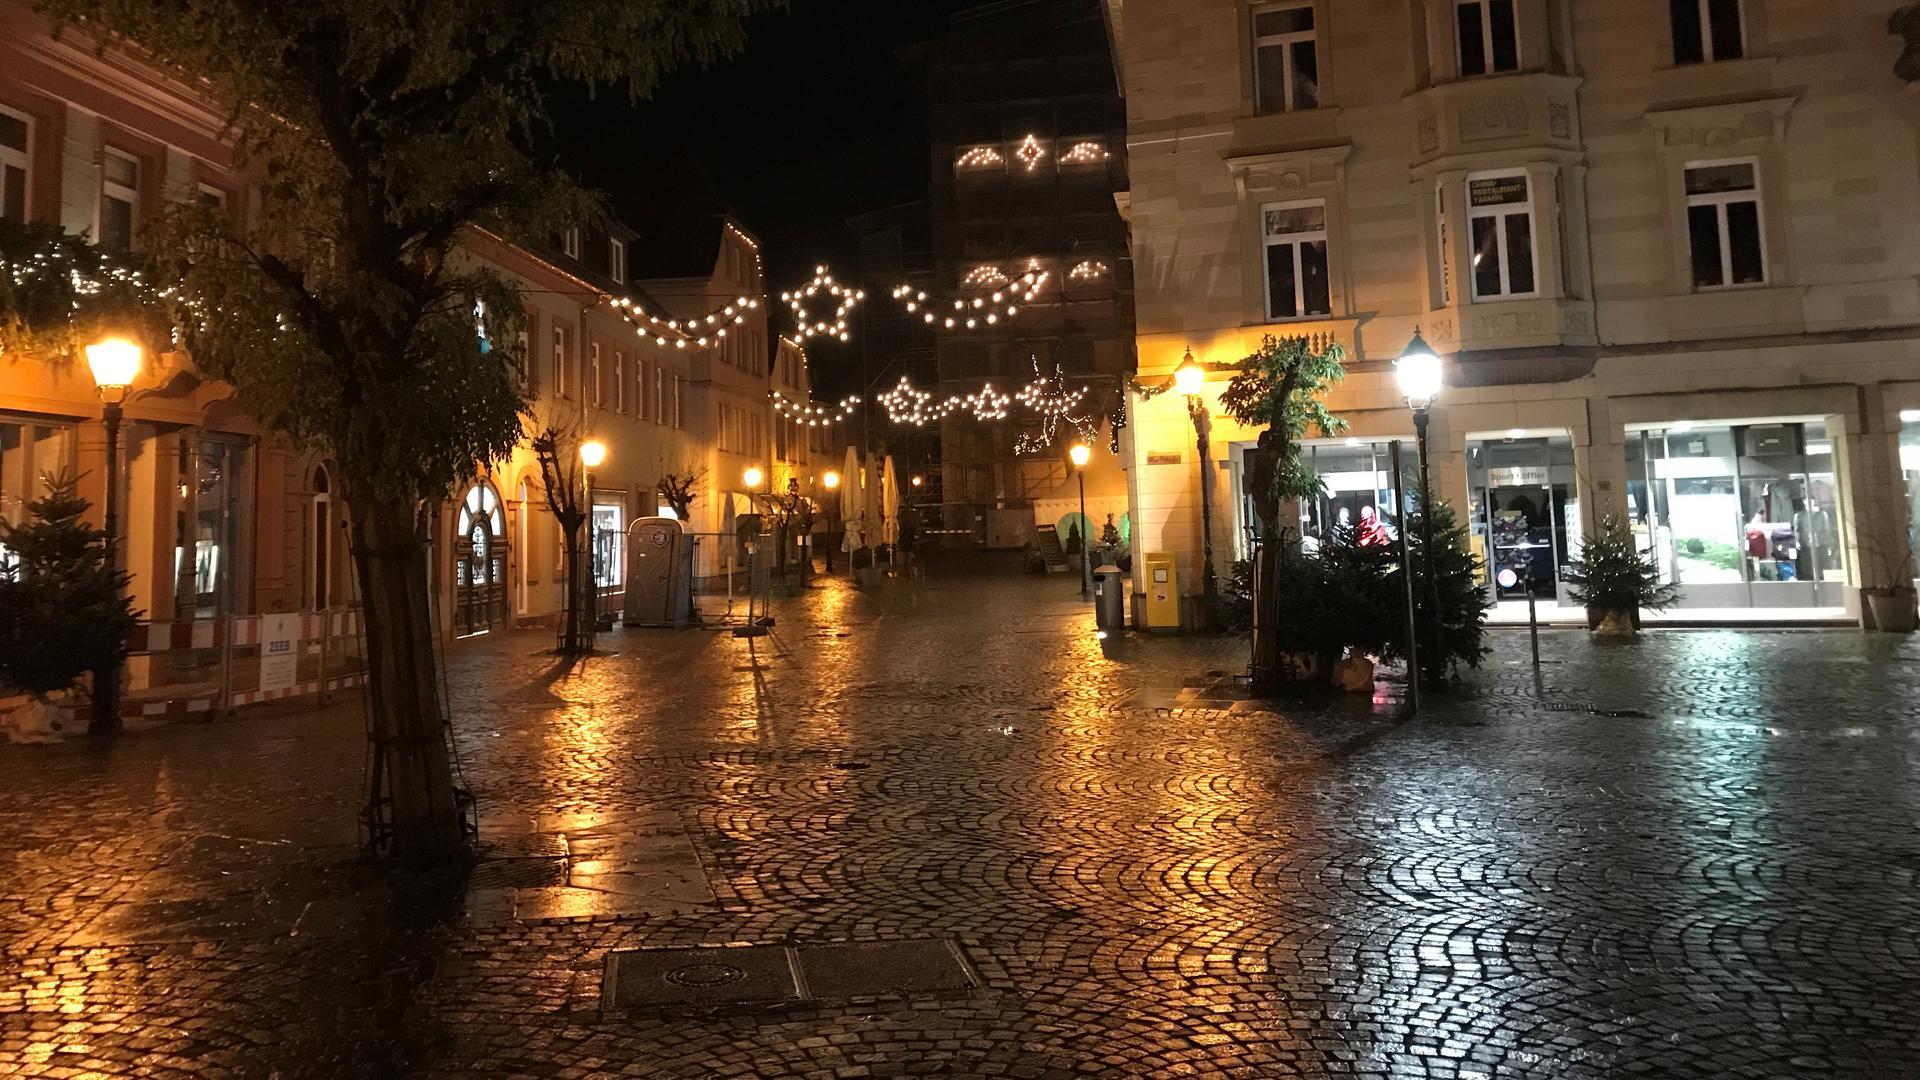 Weihnachtsbeleuchtung und Pflaster